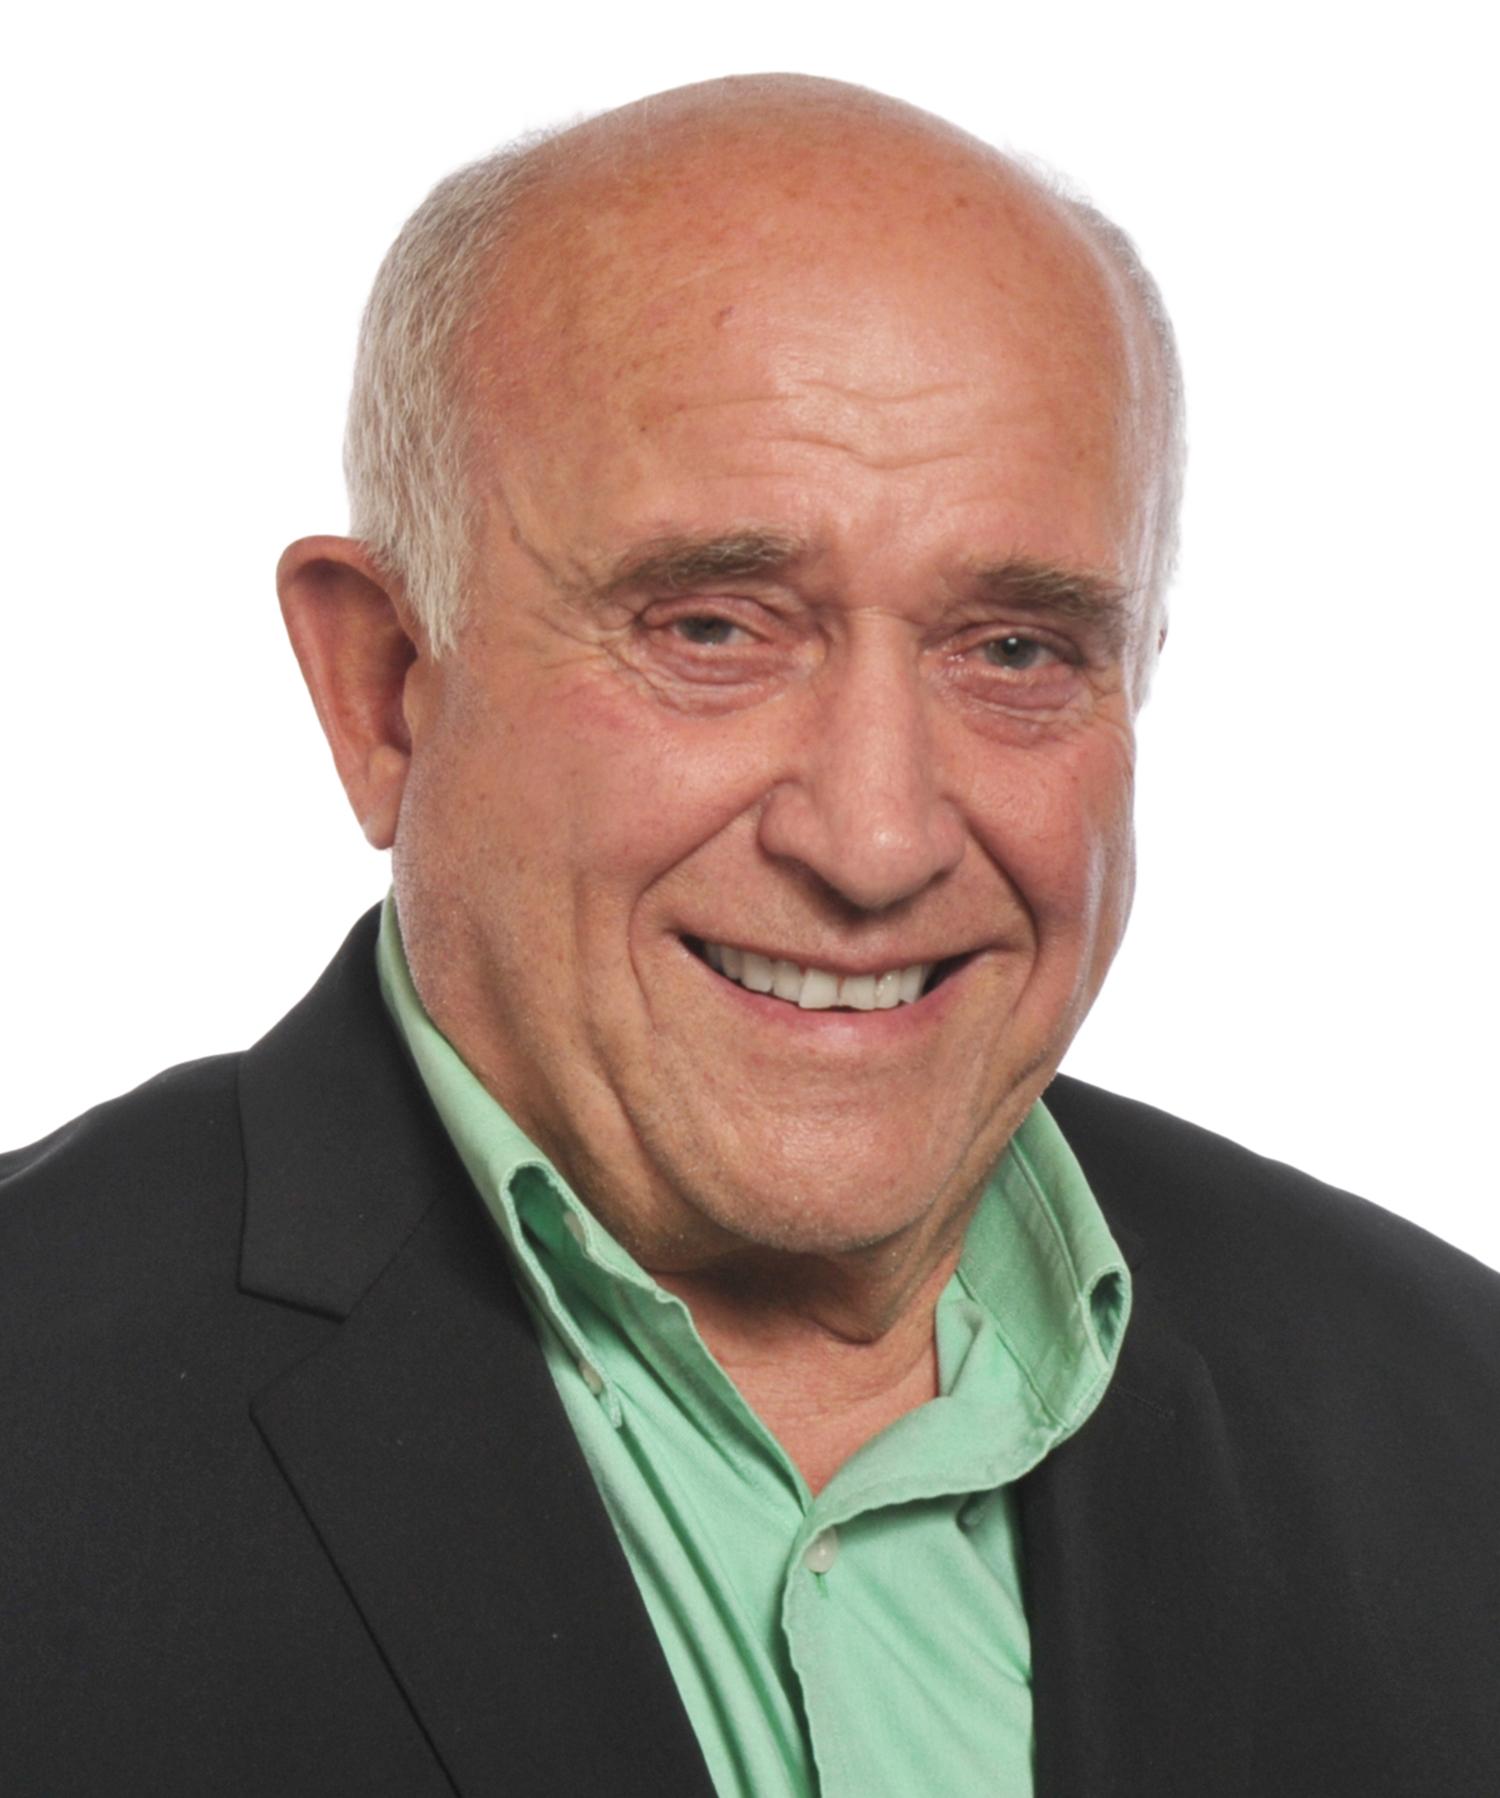 Vincent M. Prager